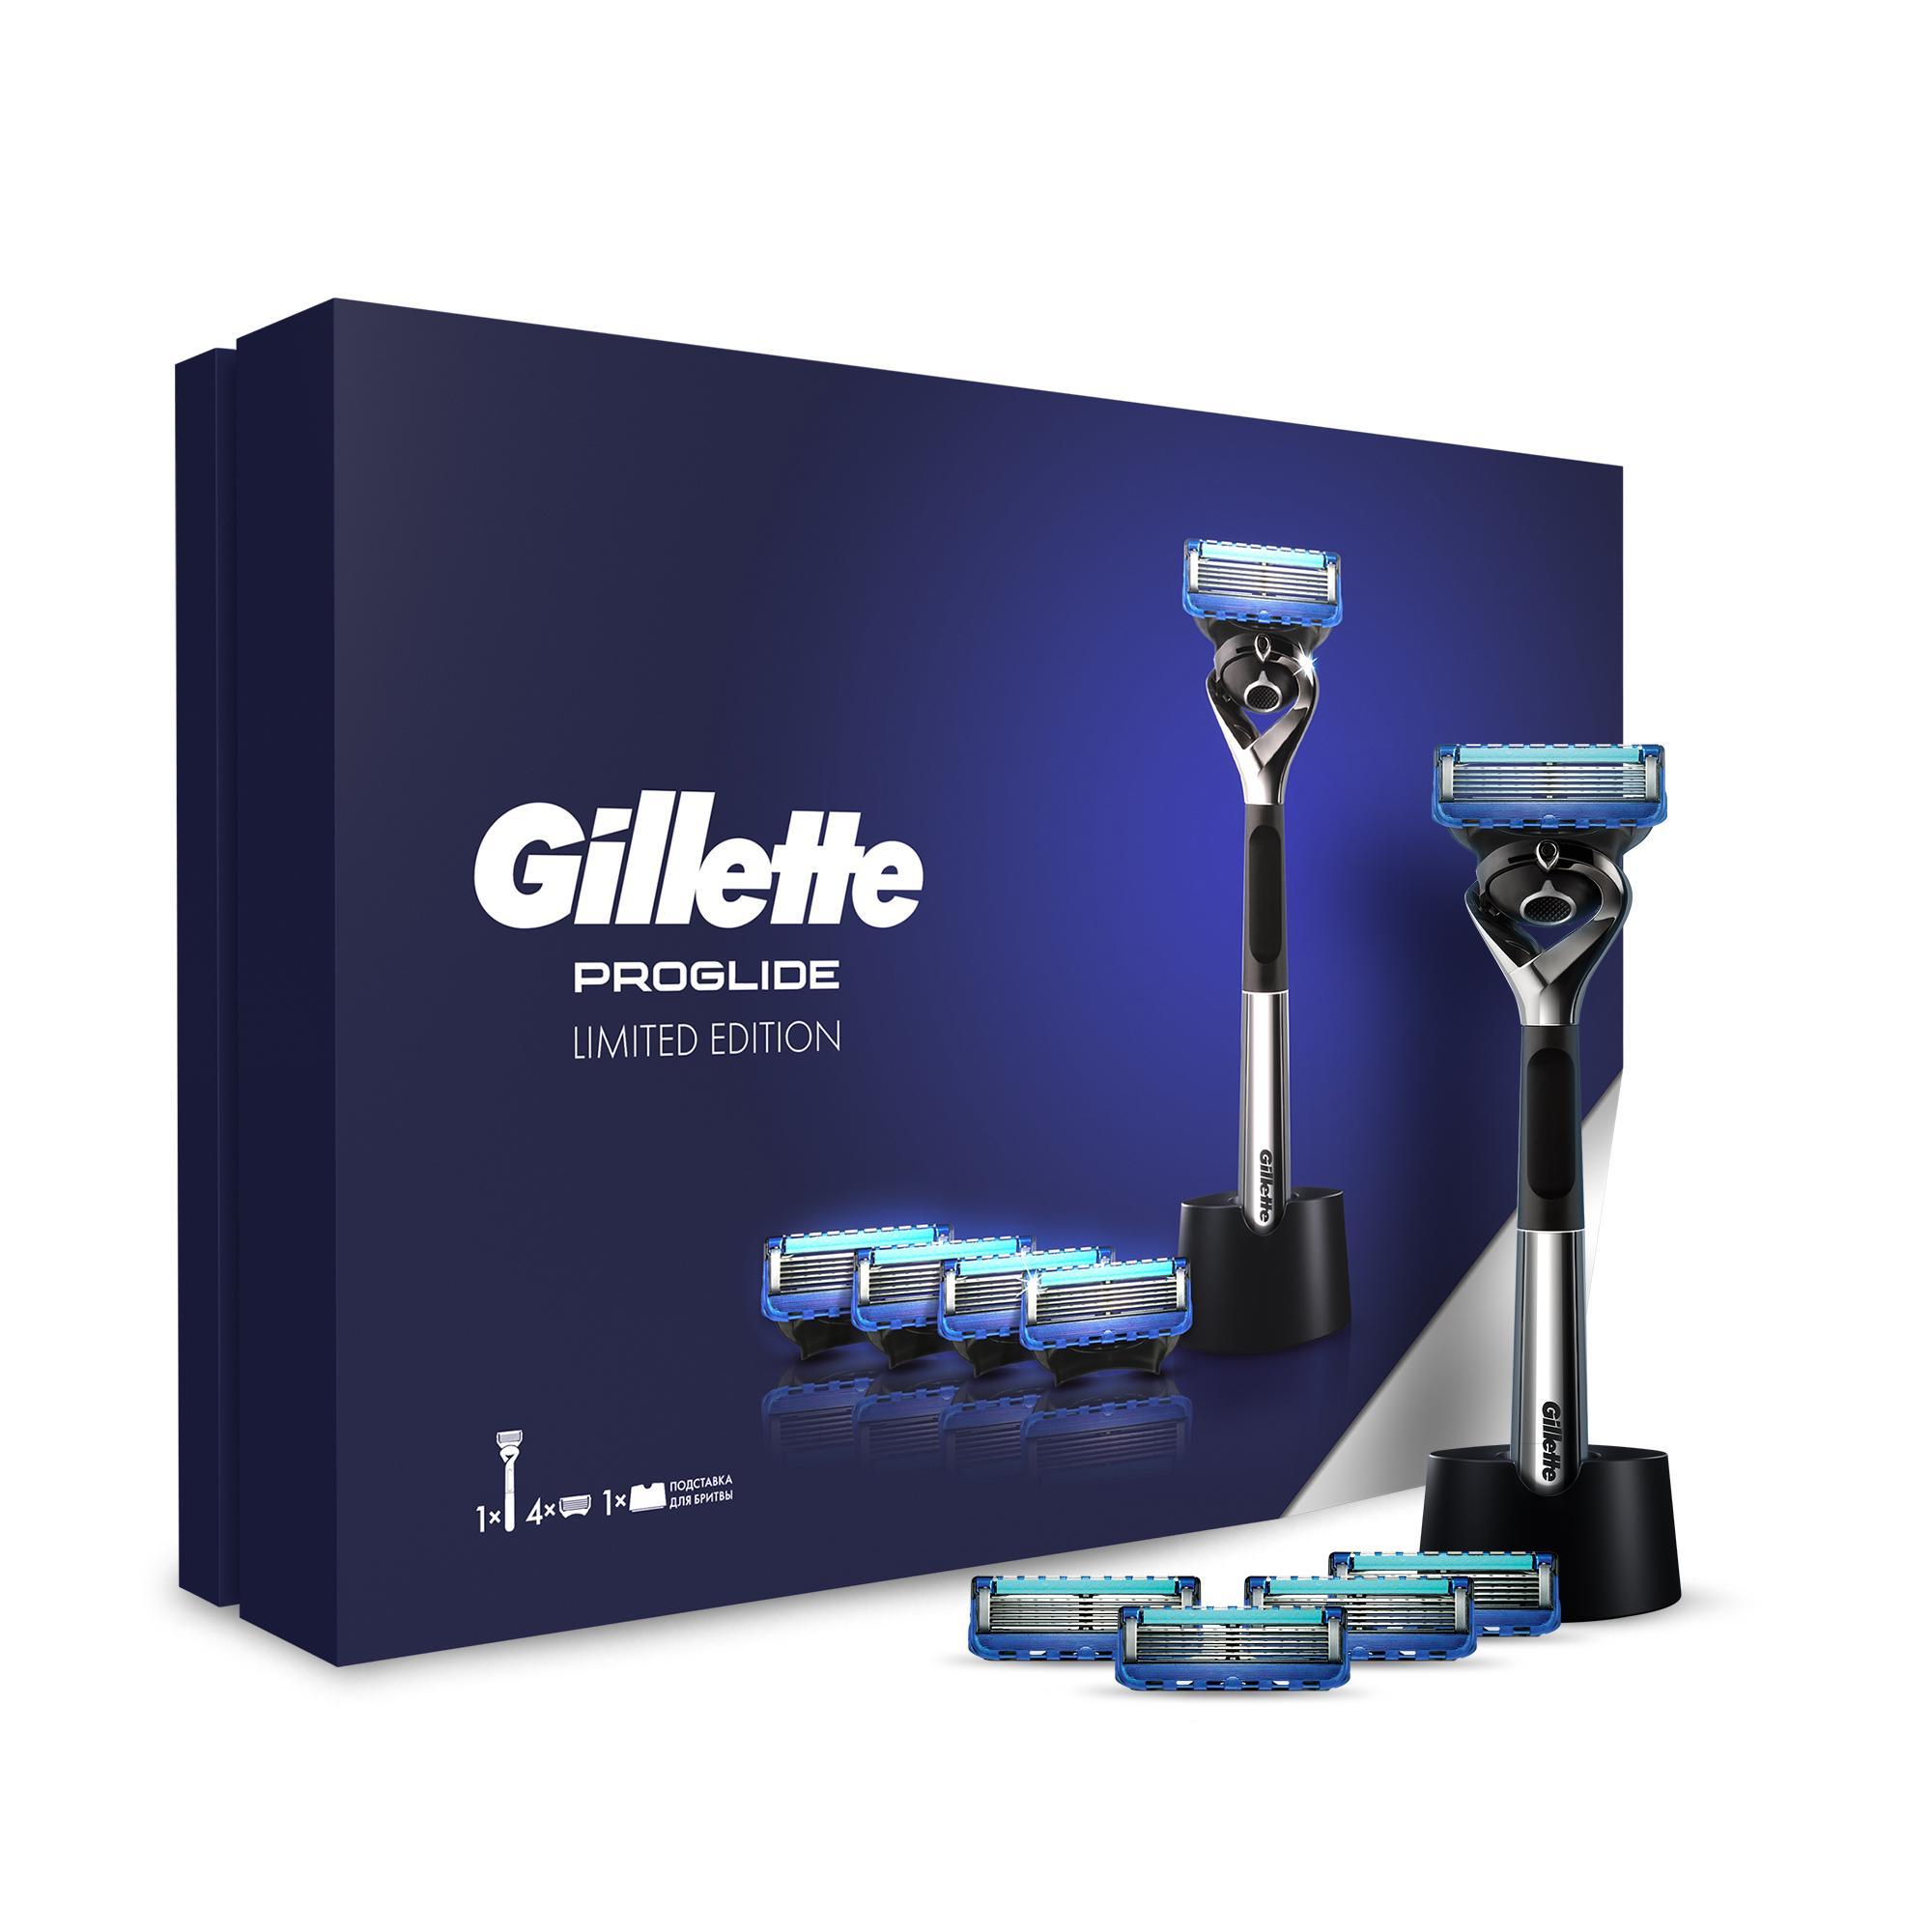 Купить Подарочный набор мужскойGilletteProglideбритваChromeс 1 кассетой + 4 касс.+подставка, Proglide бритва с 1 кассетой + 4 кассеты + подставкой